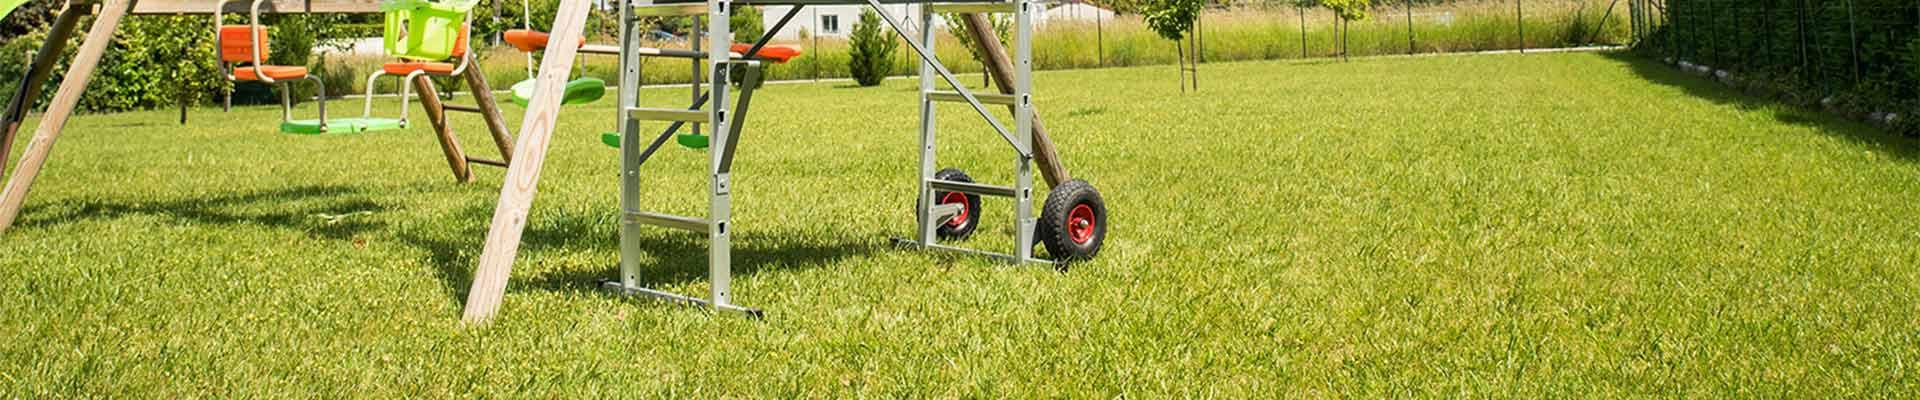 Commandez en ligne un échafaudage de jardin |  Hailo